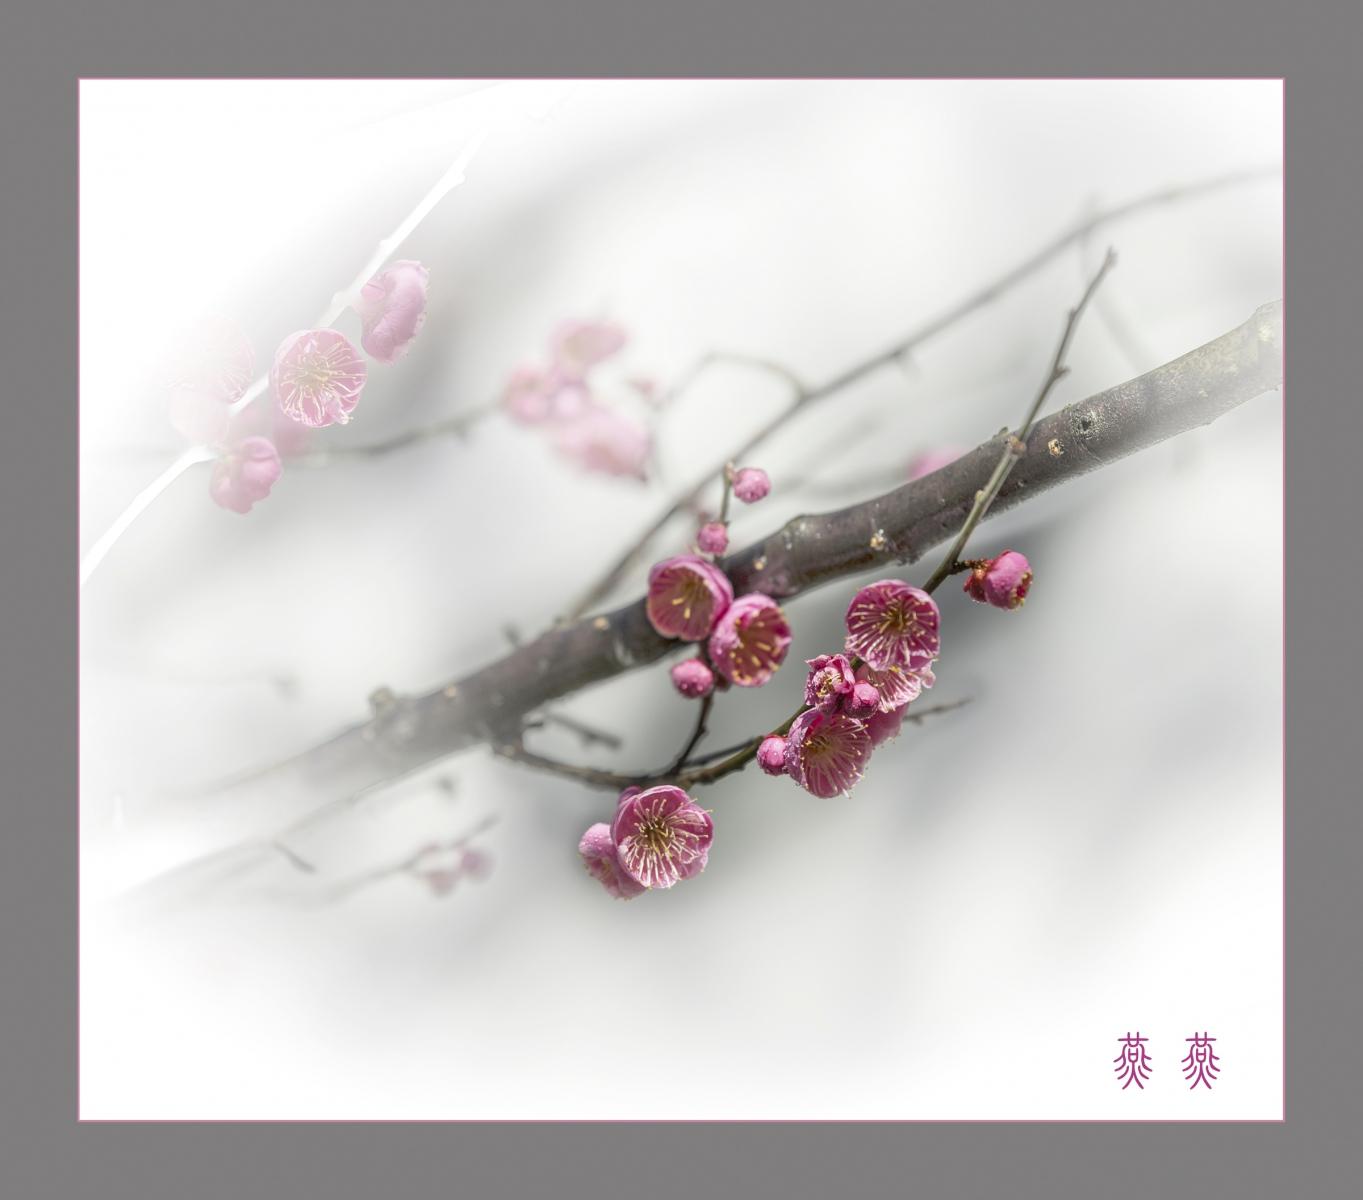 春回大地_图1-2